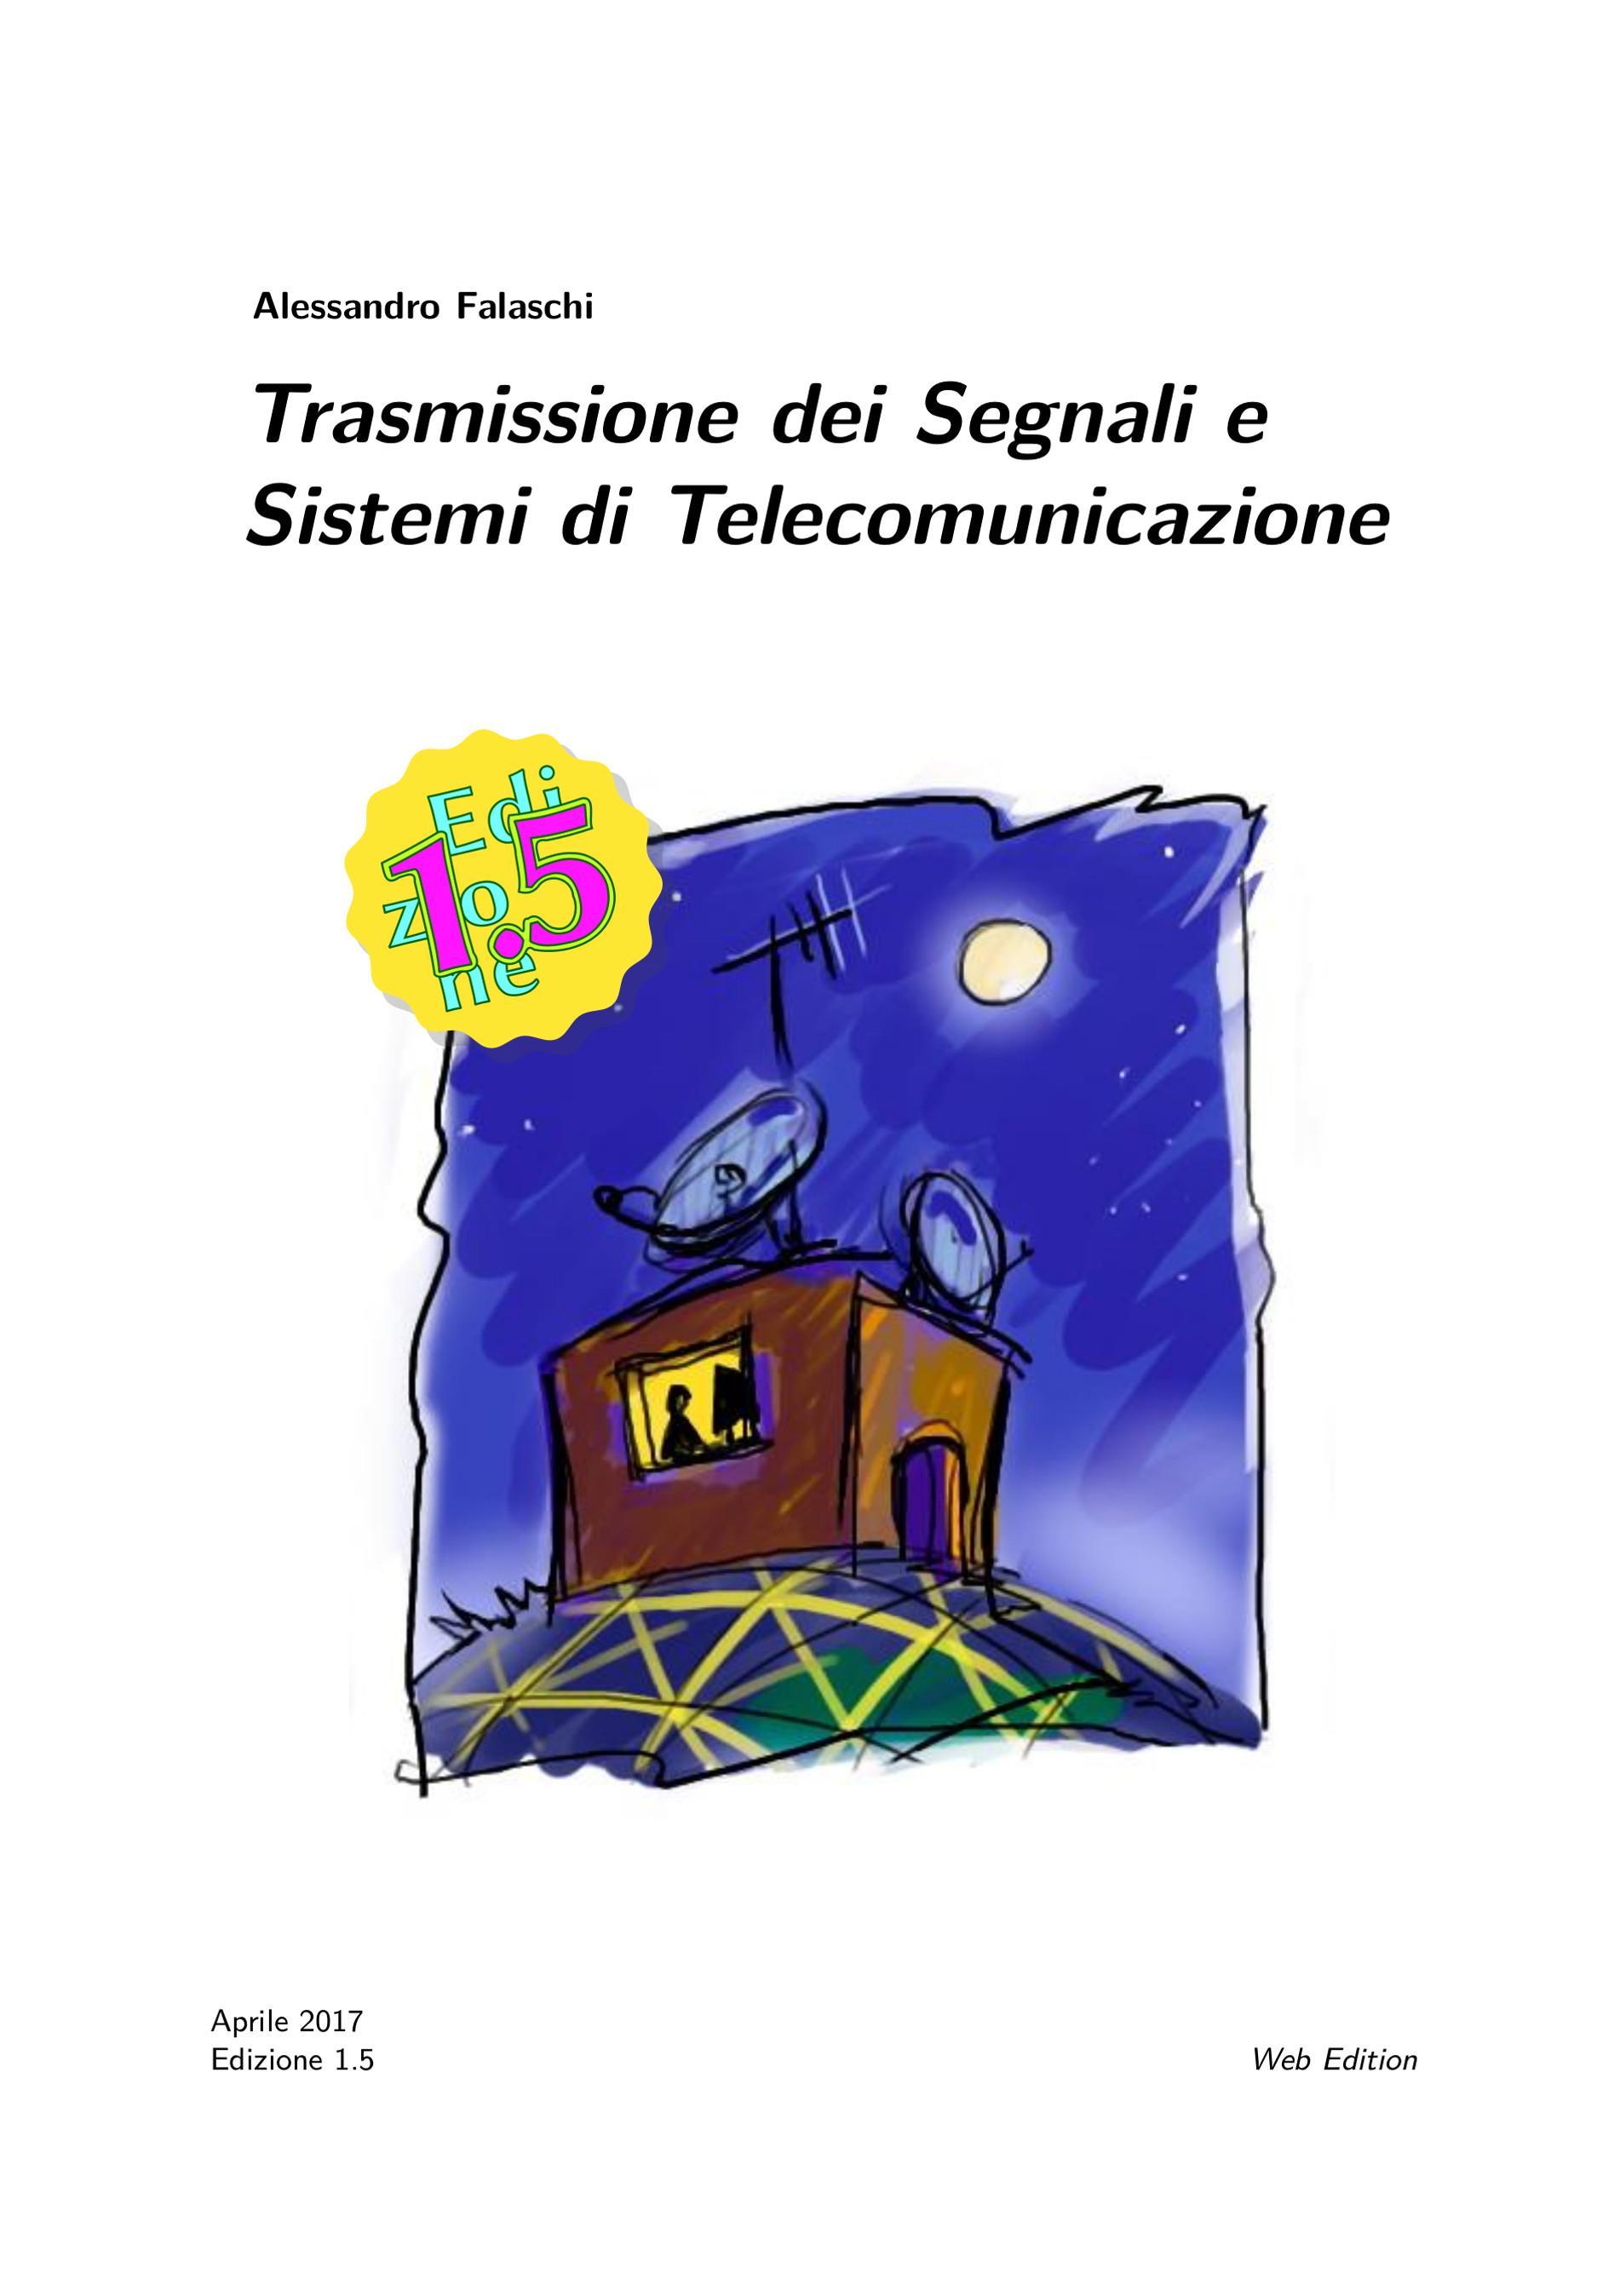 Trasmissione dei segnali e sistemi di telecomunicazione ed. 1.5